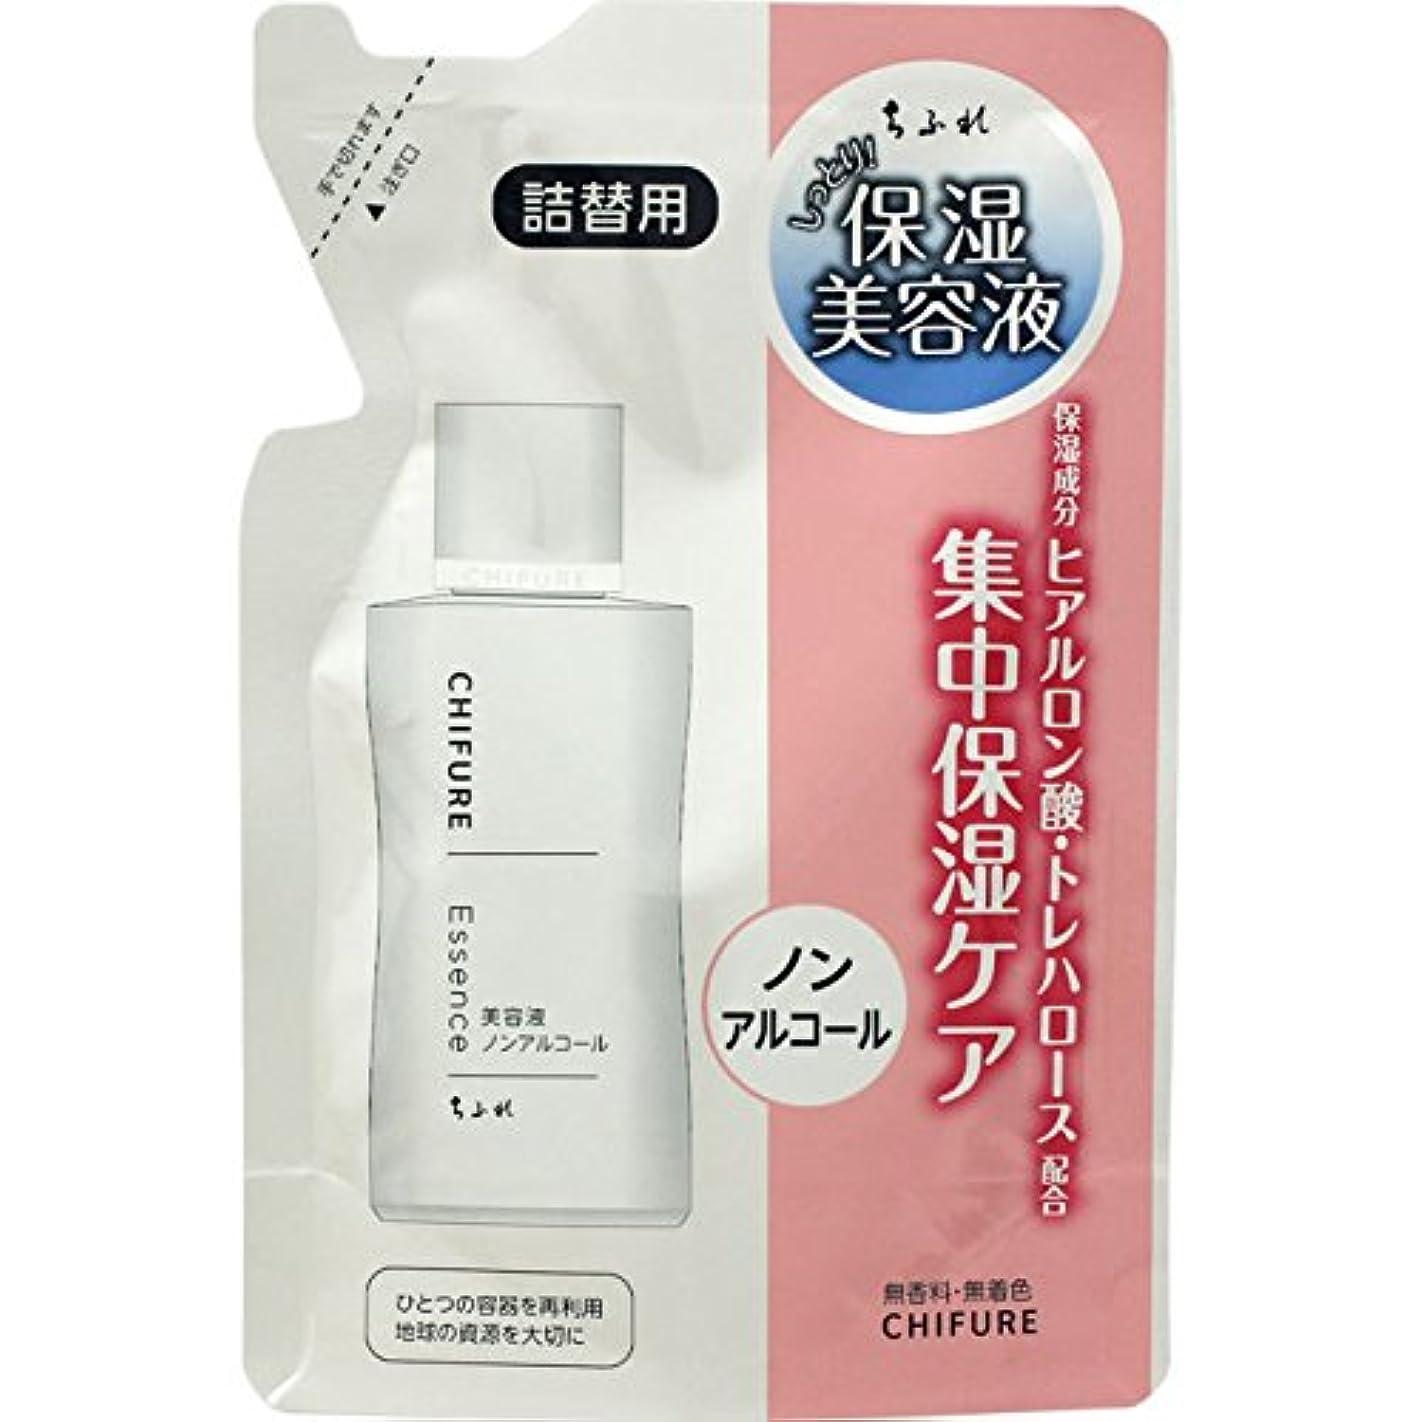 山父方のスペルちふれ化粧品 ちふれ 美容液 ノンアルコールタイプ 詰替用 45ML